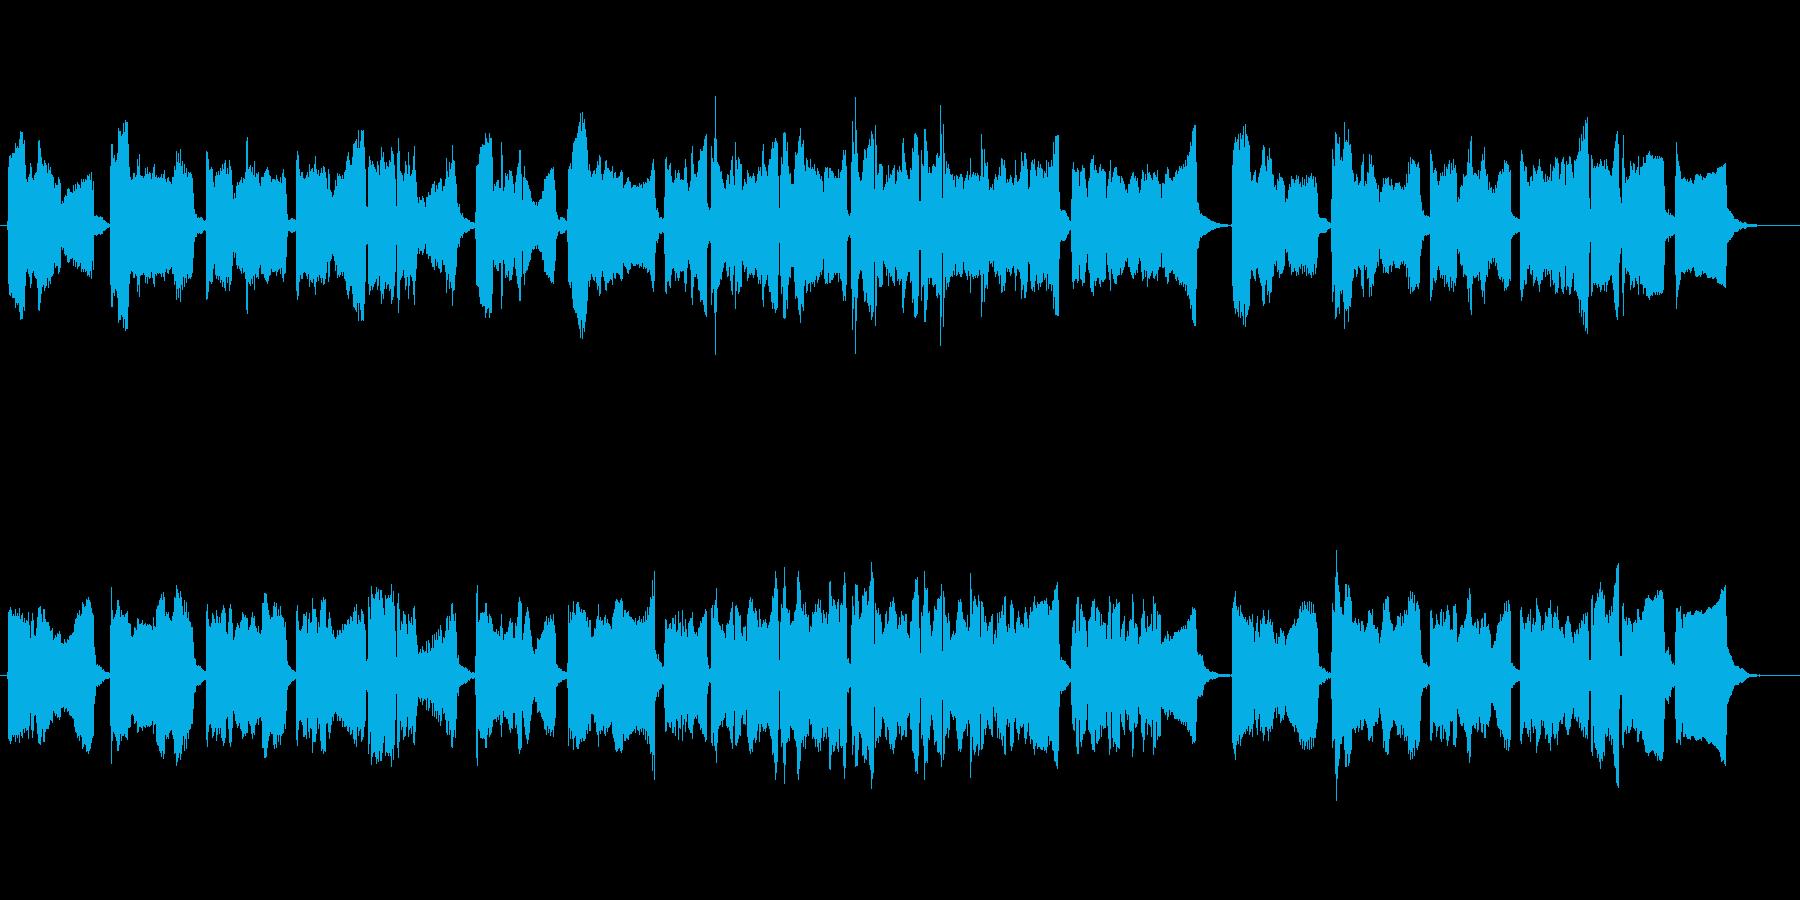 ホラー風味のチェロ曲の再生済みの波形